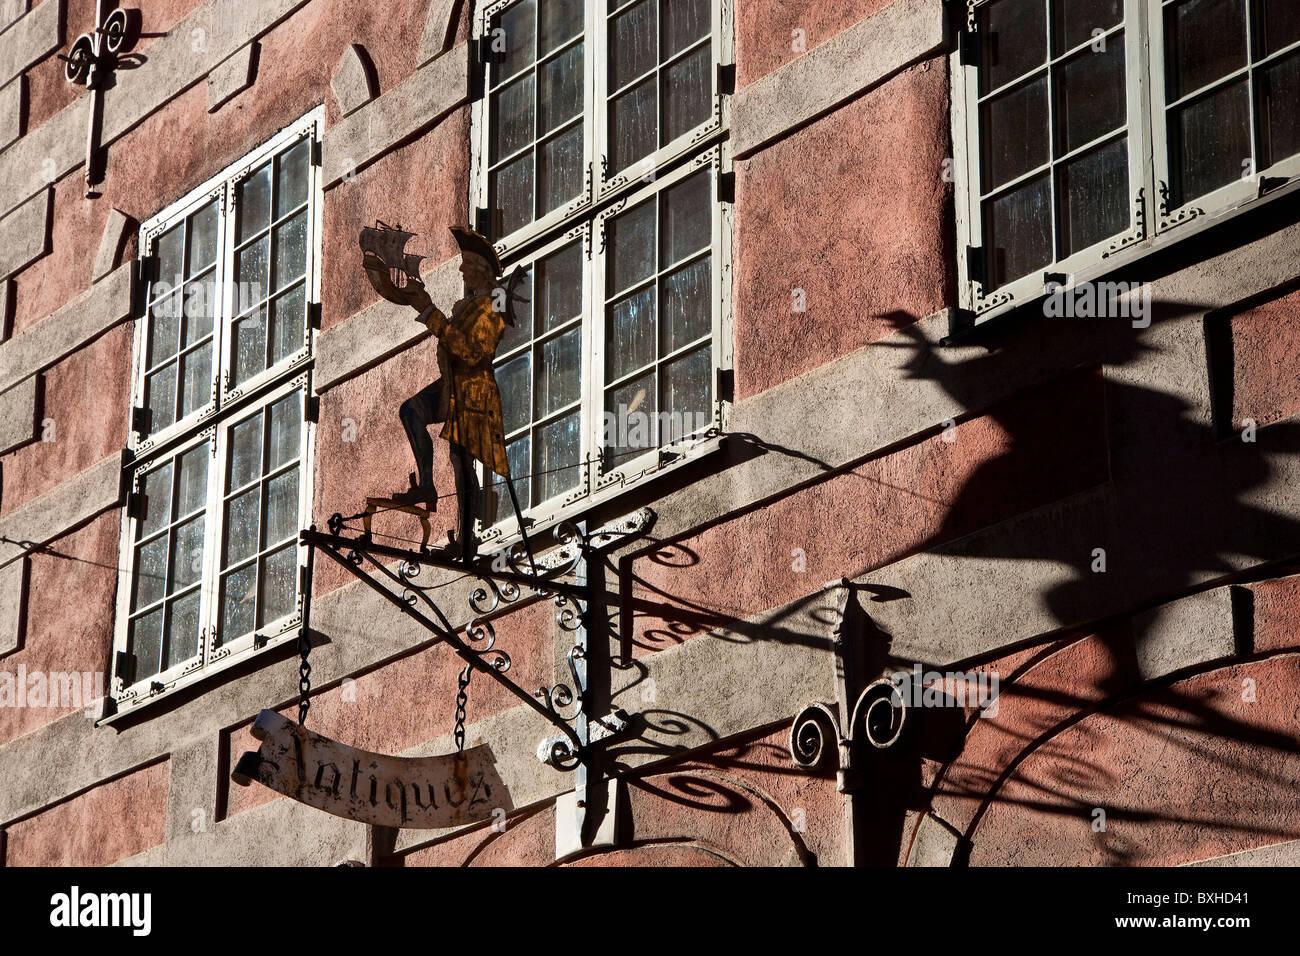 Antique shop sign Osterlanggaten Gamla Stan Stockholm Sweden - Stock Image